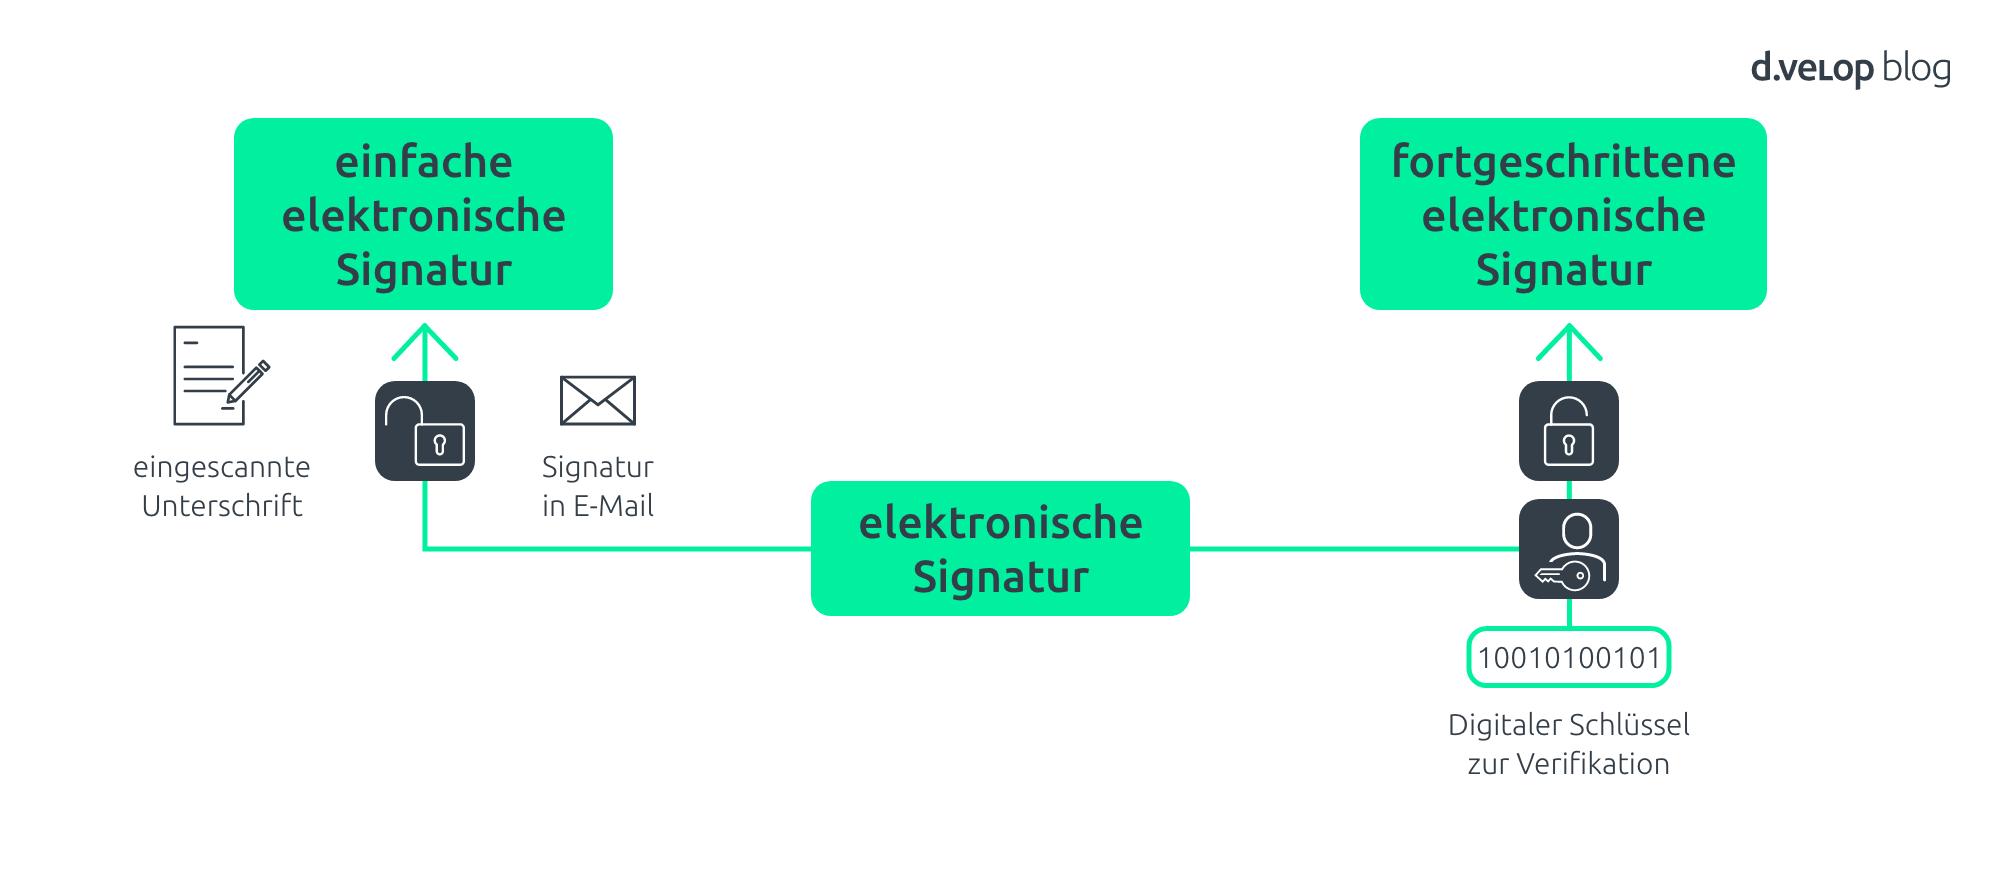 einfache und fortgeschrittene elektronische Signatur